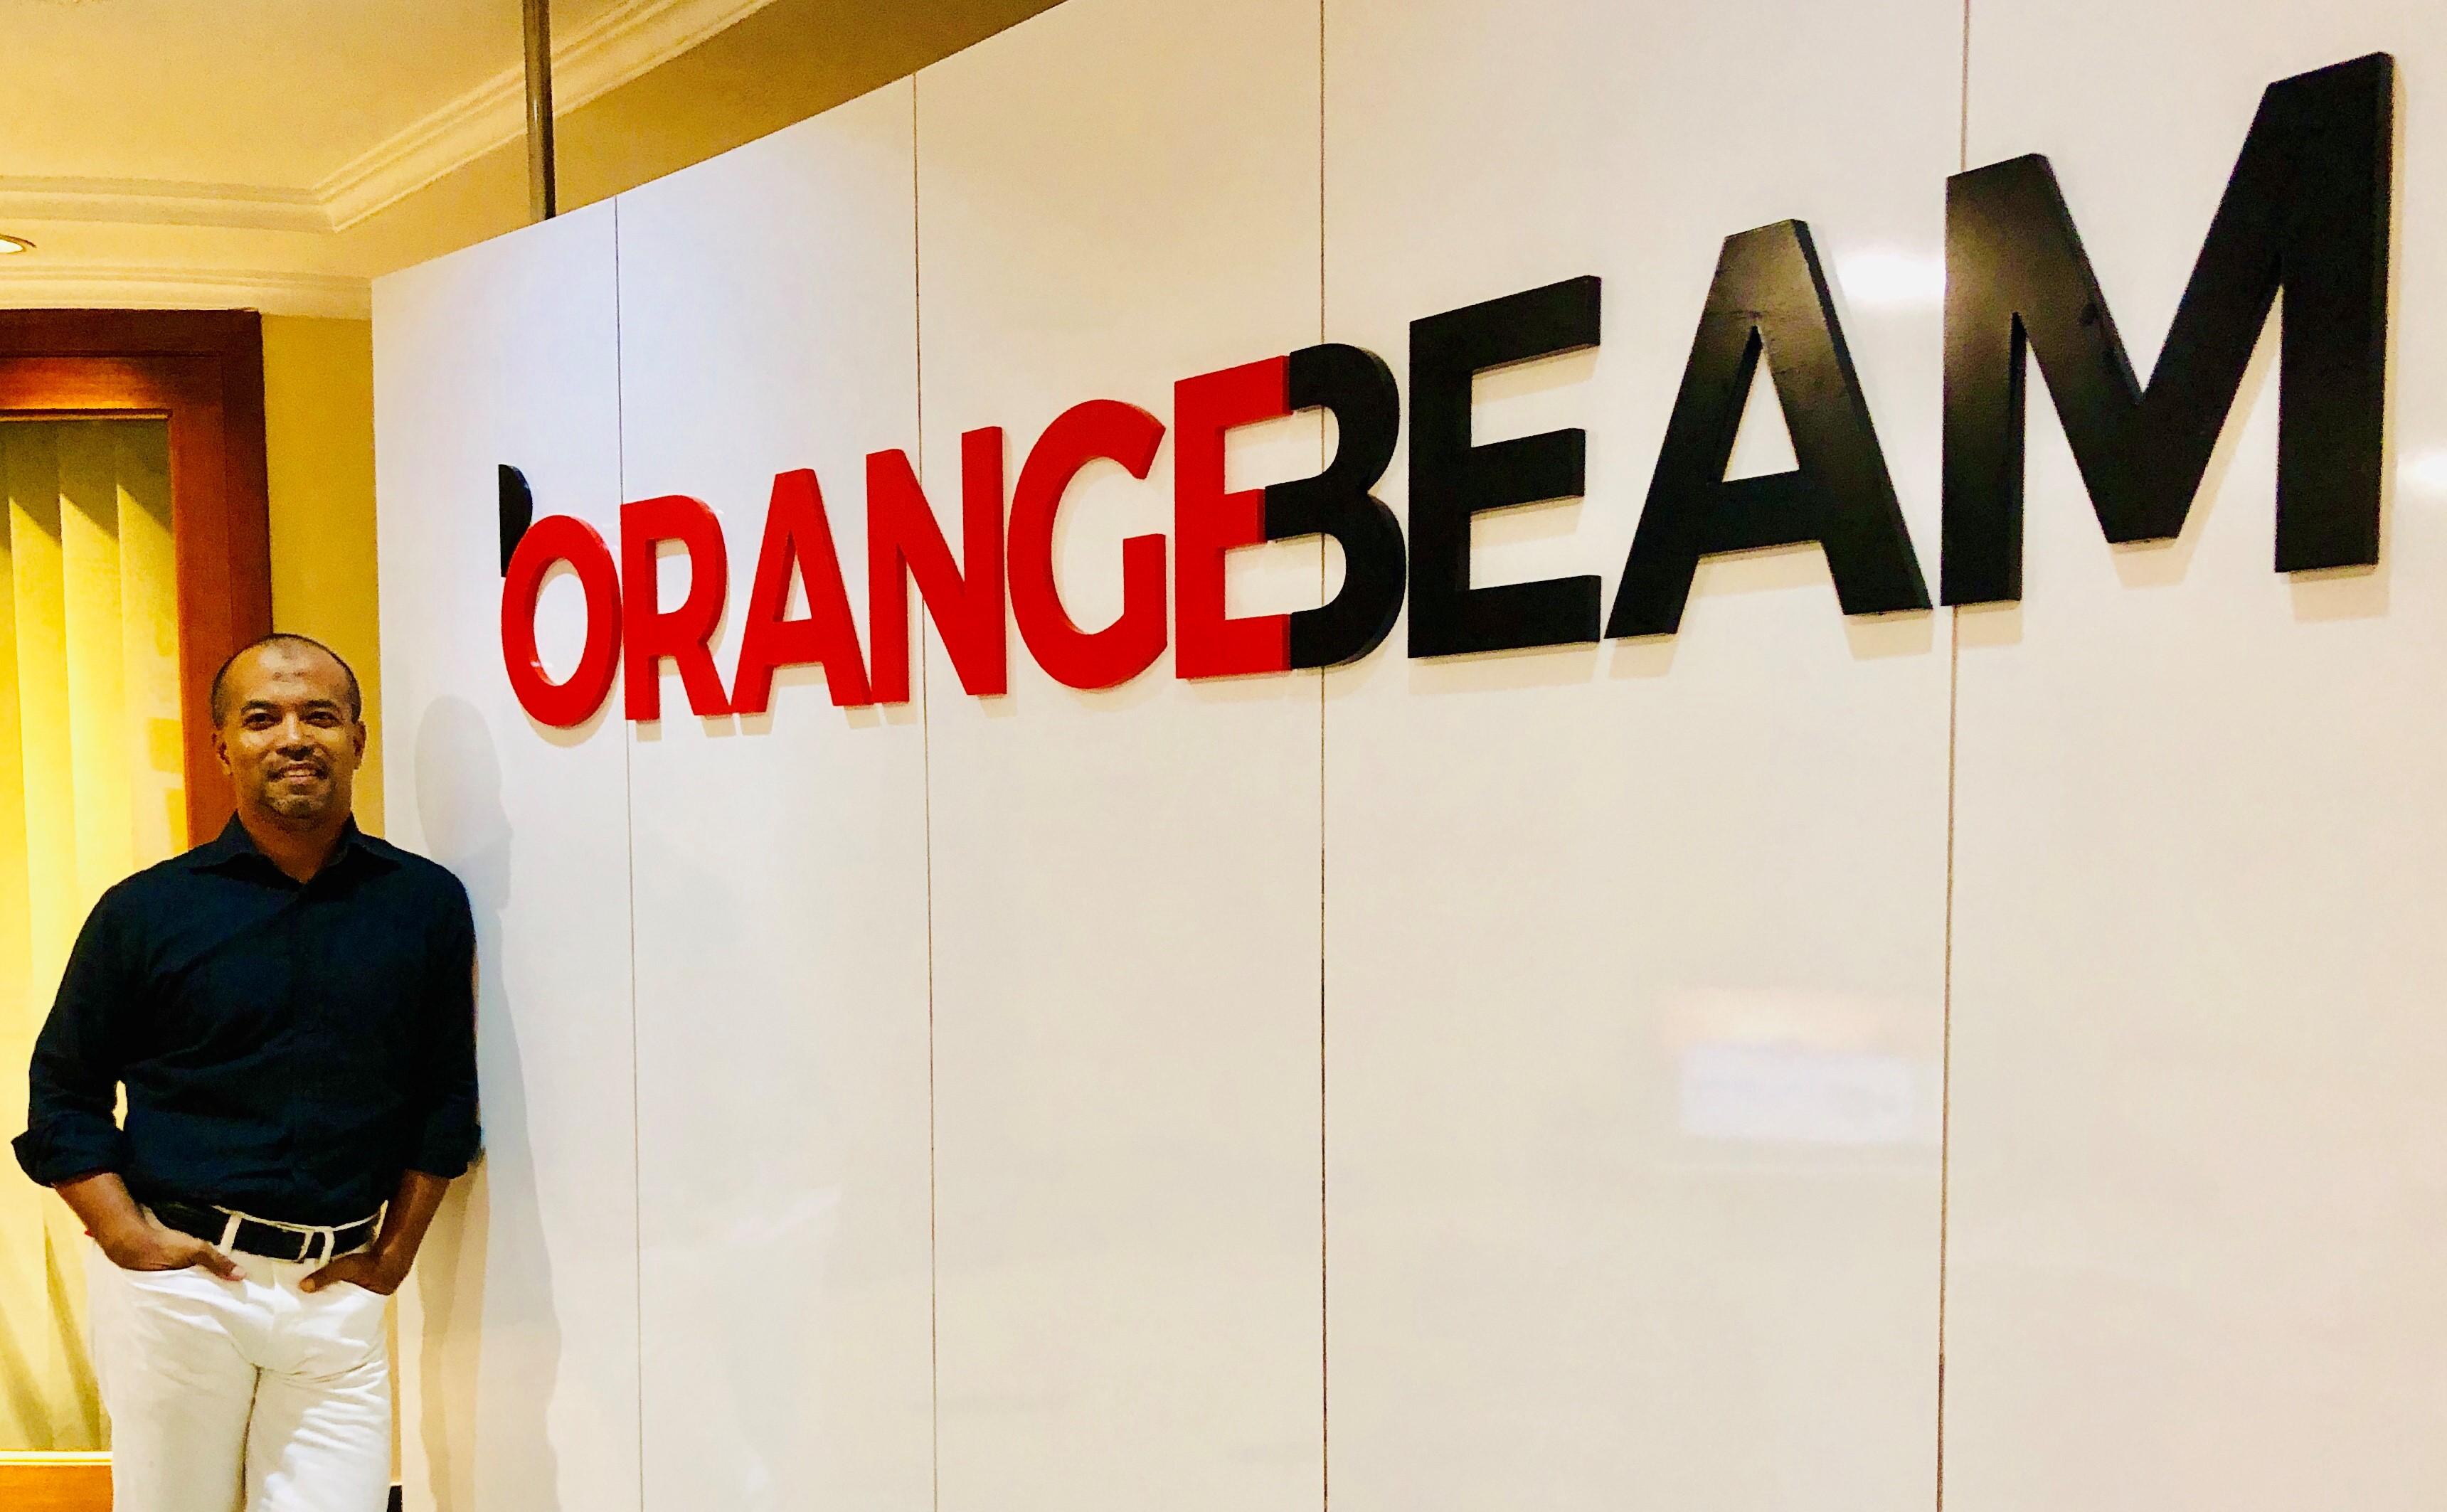 Orangebeam The Disruptor Orangebeamorangebeam